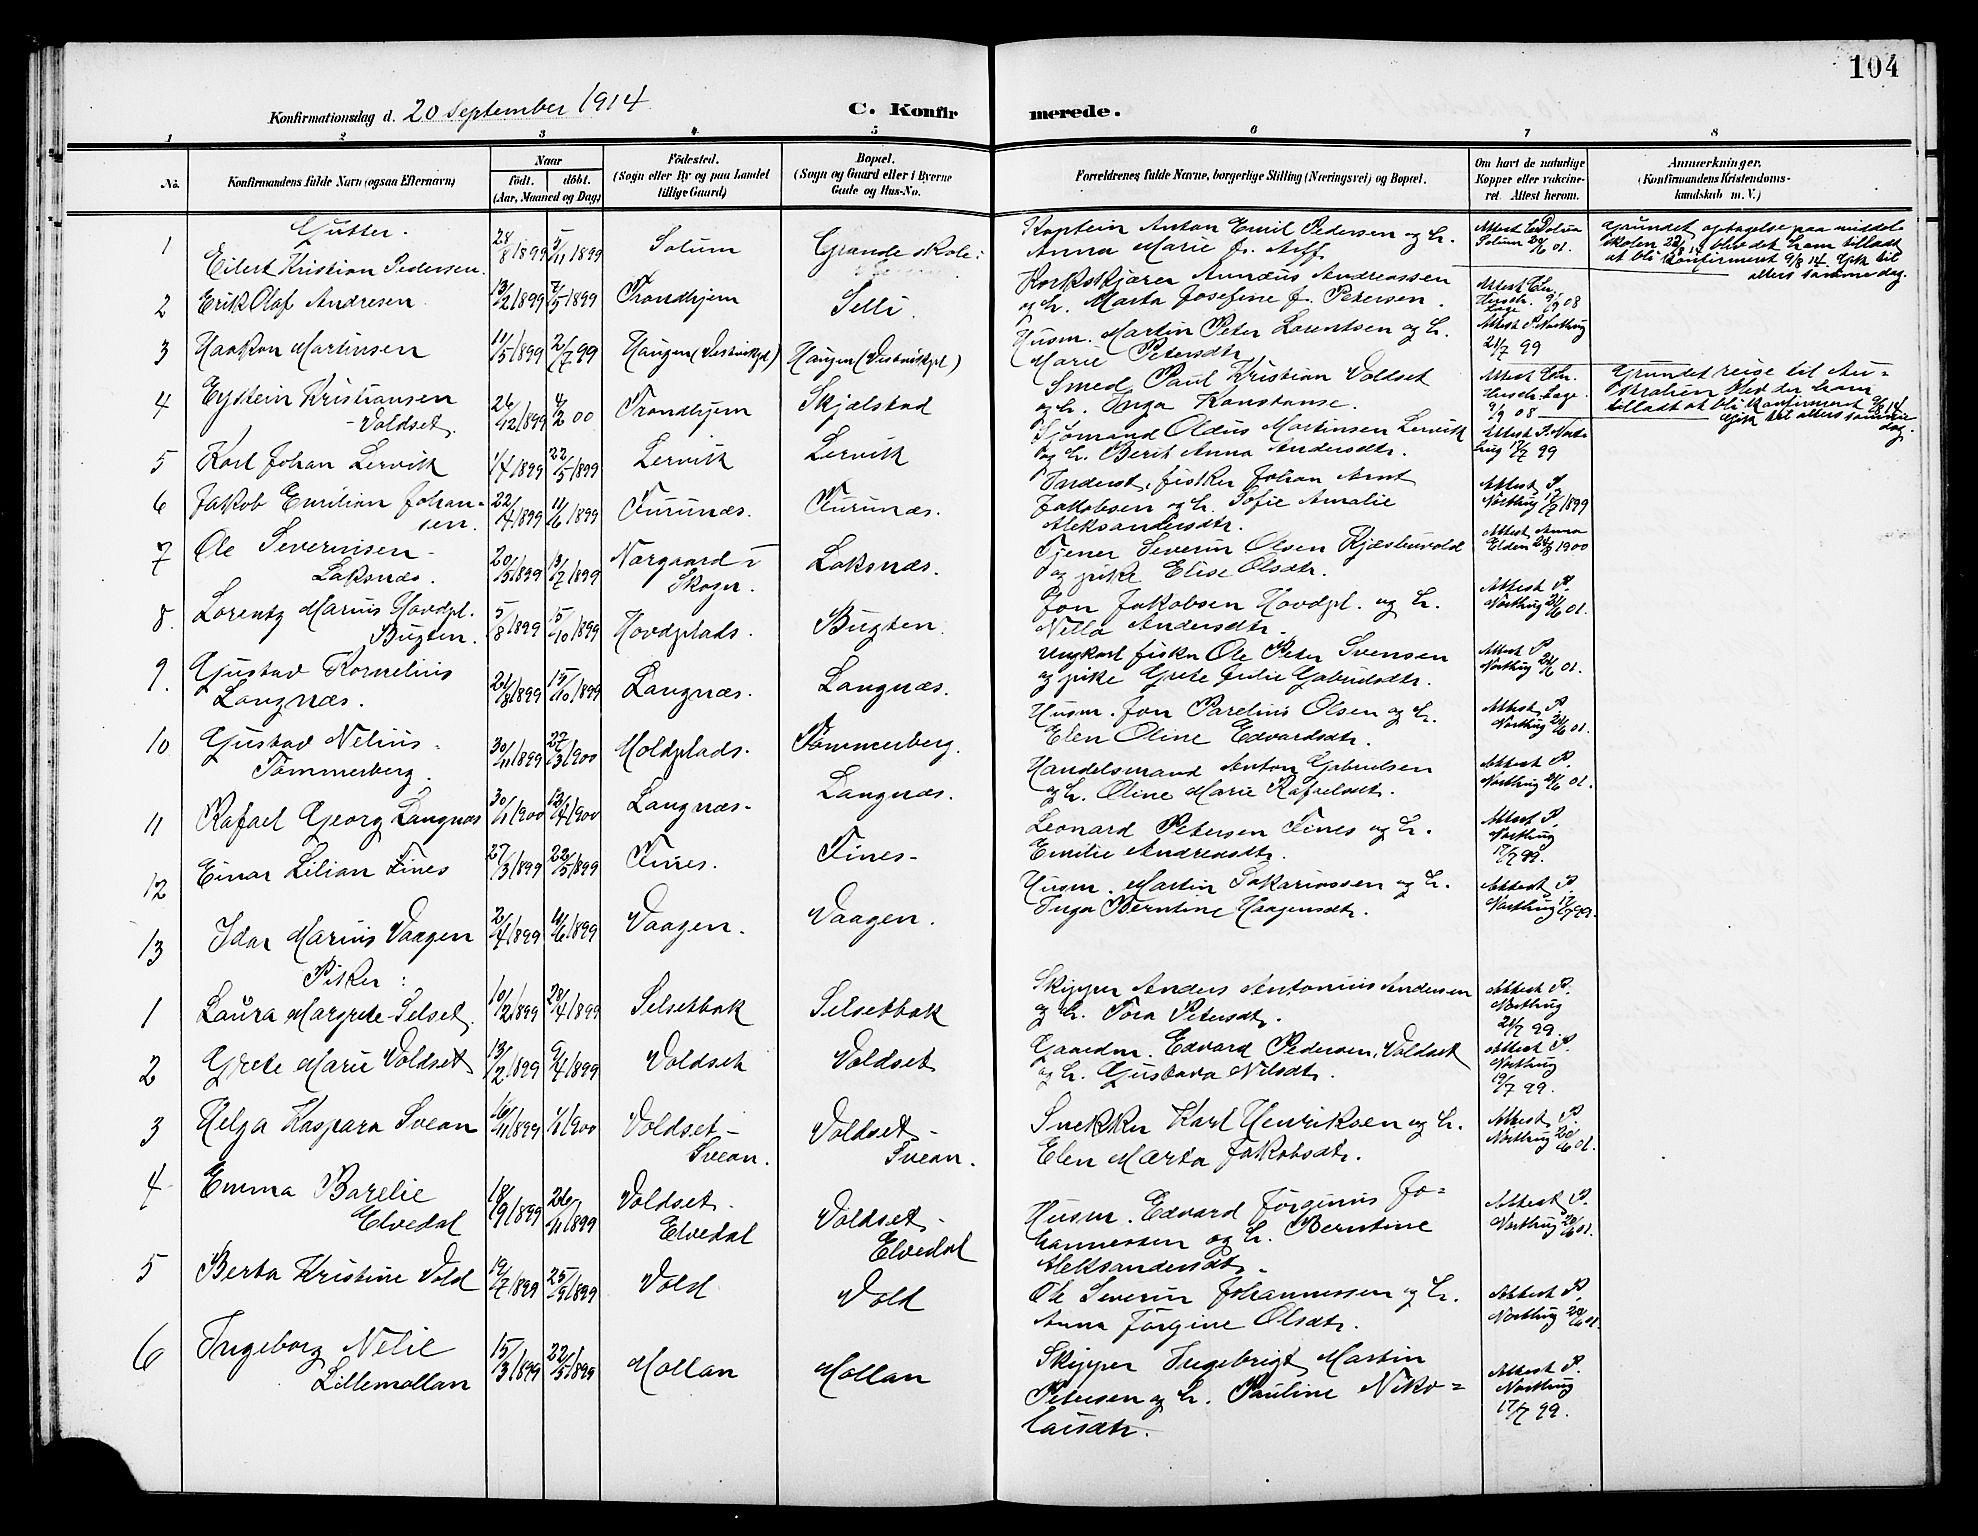 SAT, Ministerialprotokoller, klokkerbøker og fødselsregistre - Nord-Trøndelag, 744/L0424: Klokkerbok nr. 744C03, 1906-1923, s. 104